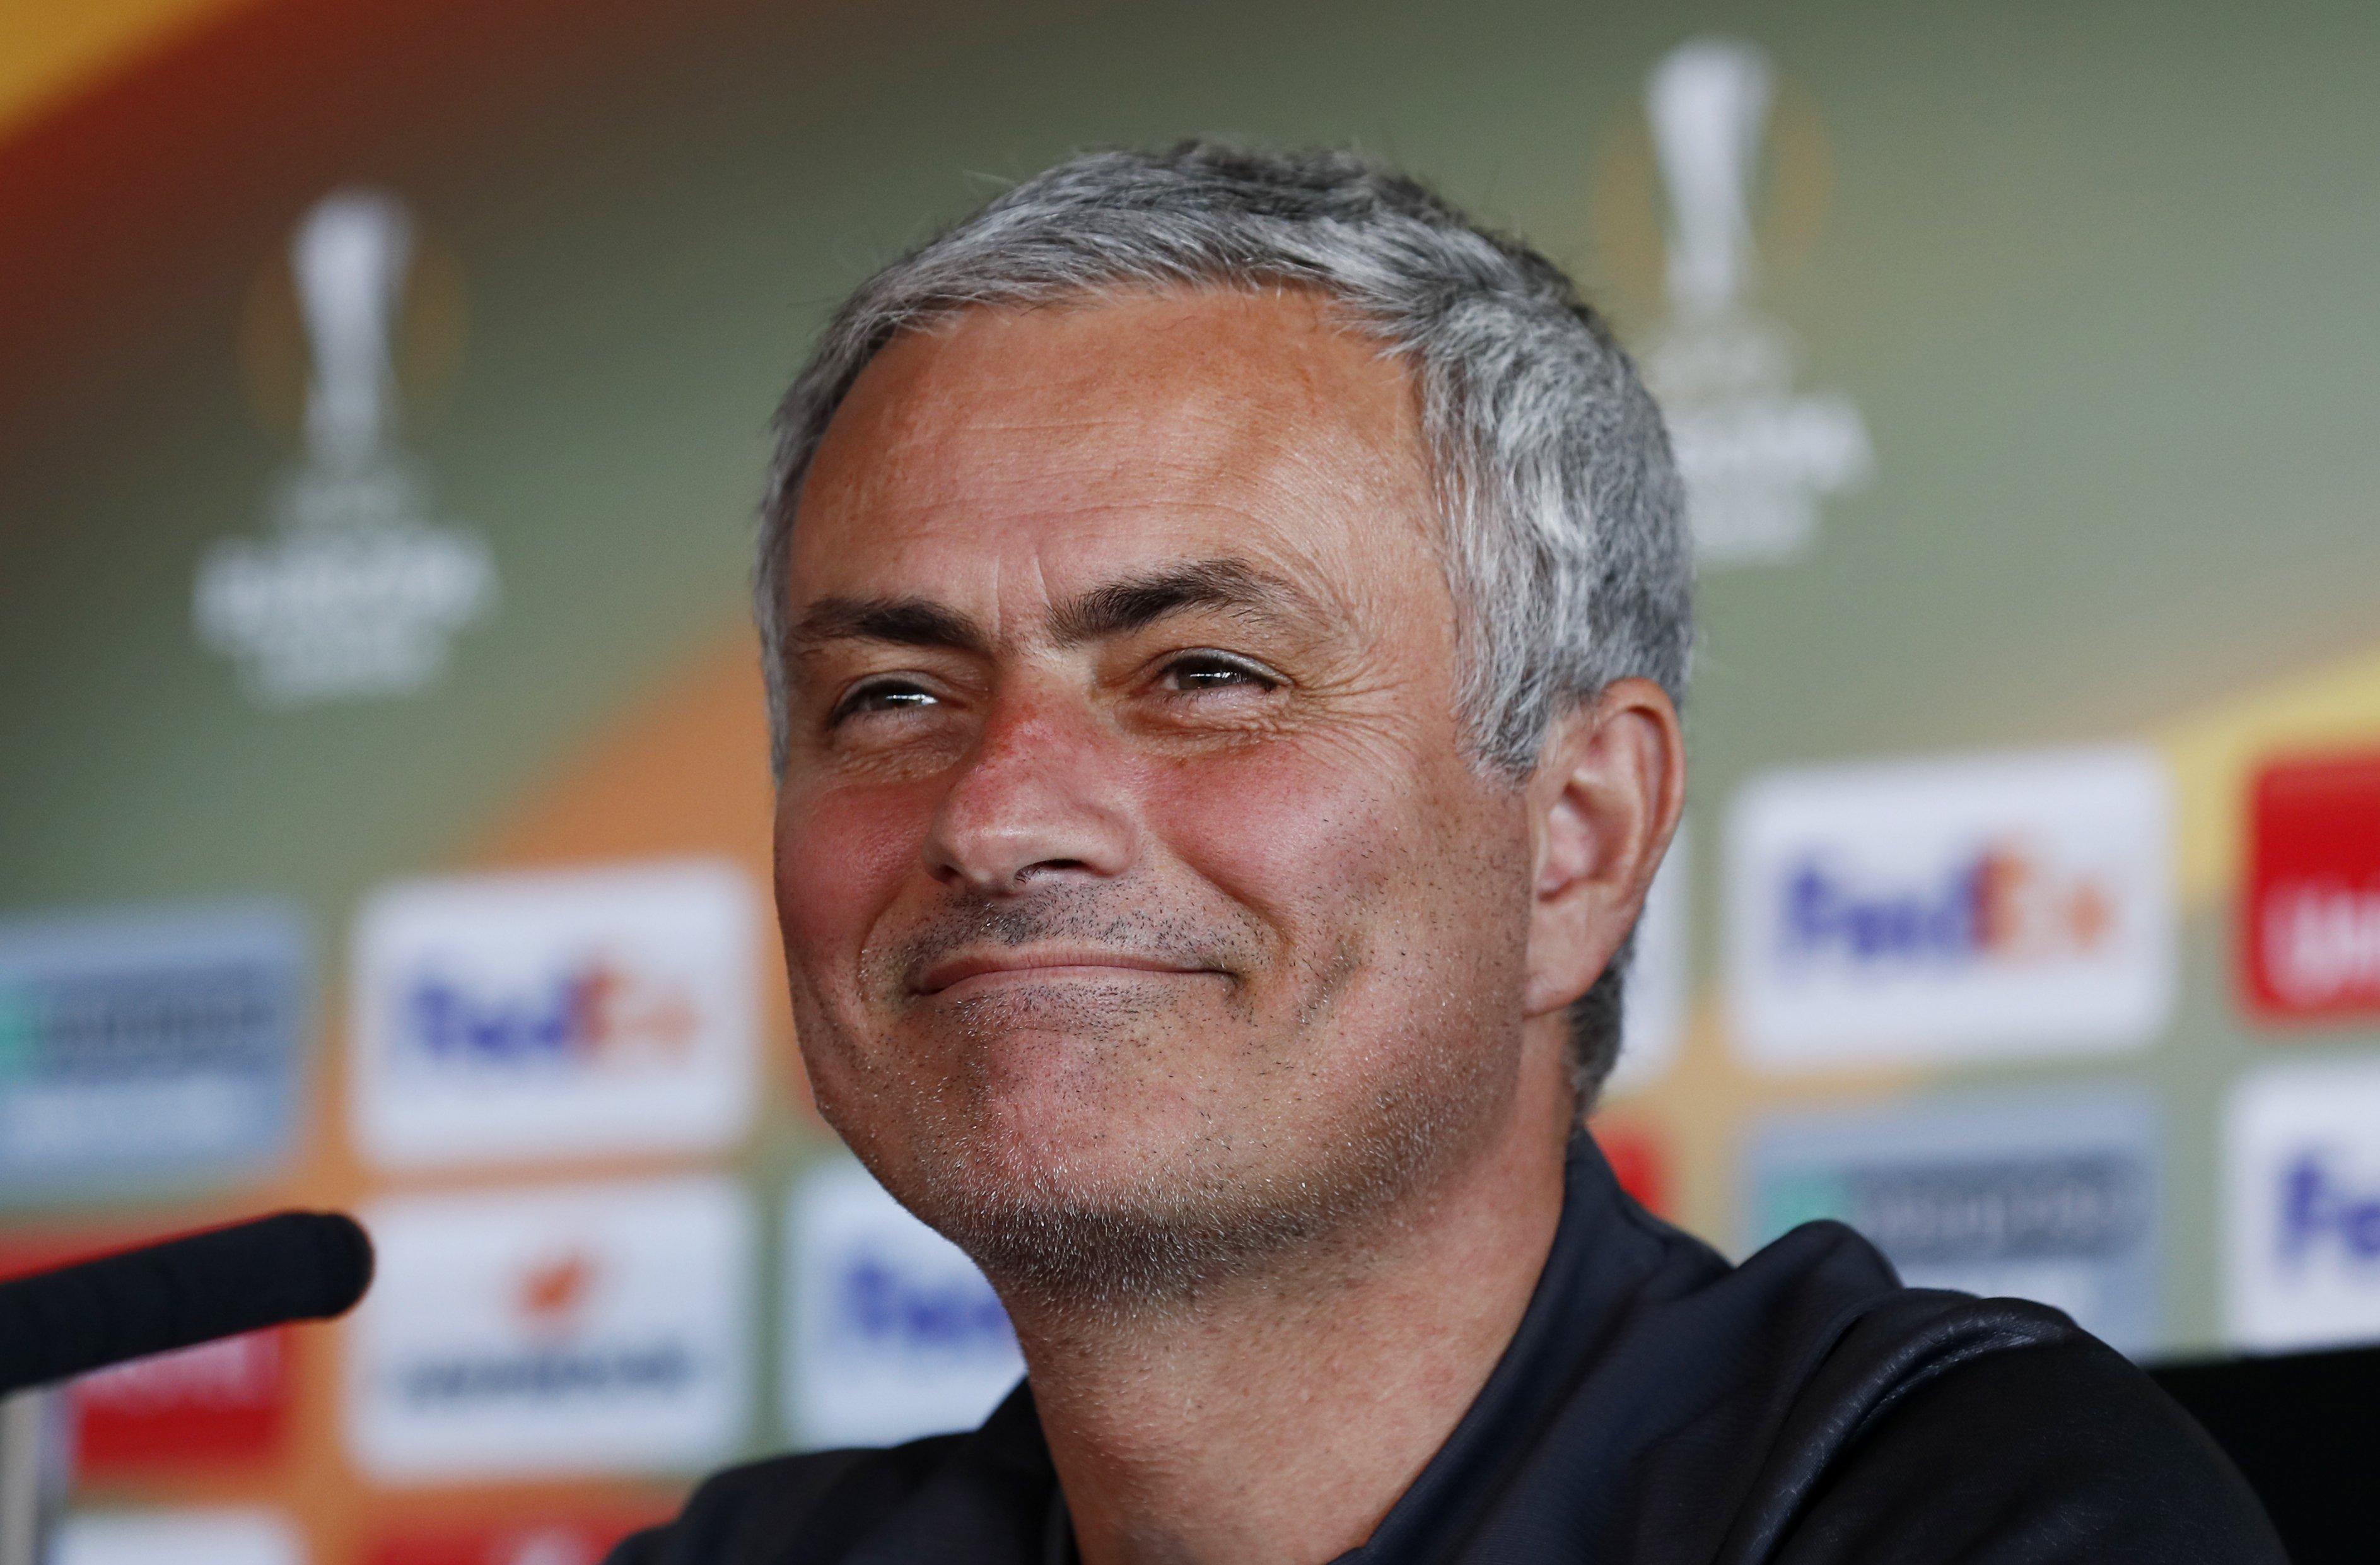 https://www.tf1.fr/tf1/fifa-coupe-du-monde-de-football/news/coupe-monde-mourinho-souhaite-l-elimination-rapide-de-joueurs-4311086.html 2018-06-06 https://photos2.tf1.fr/0/0/jose-mourinho-8-141cf2-0@1x.jpeg José Mourinho José Mourinho TF1 fr